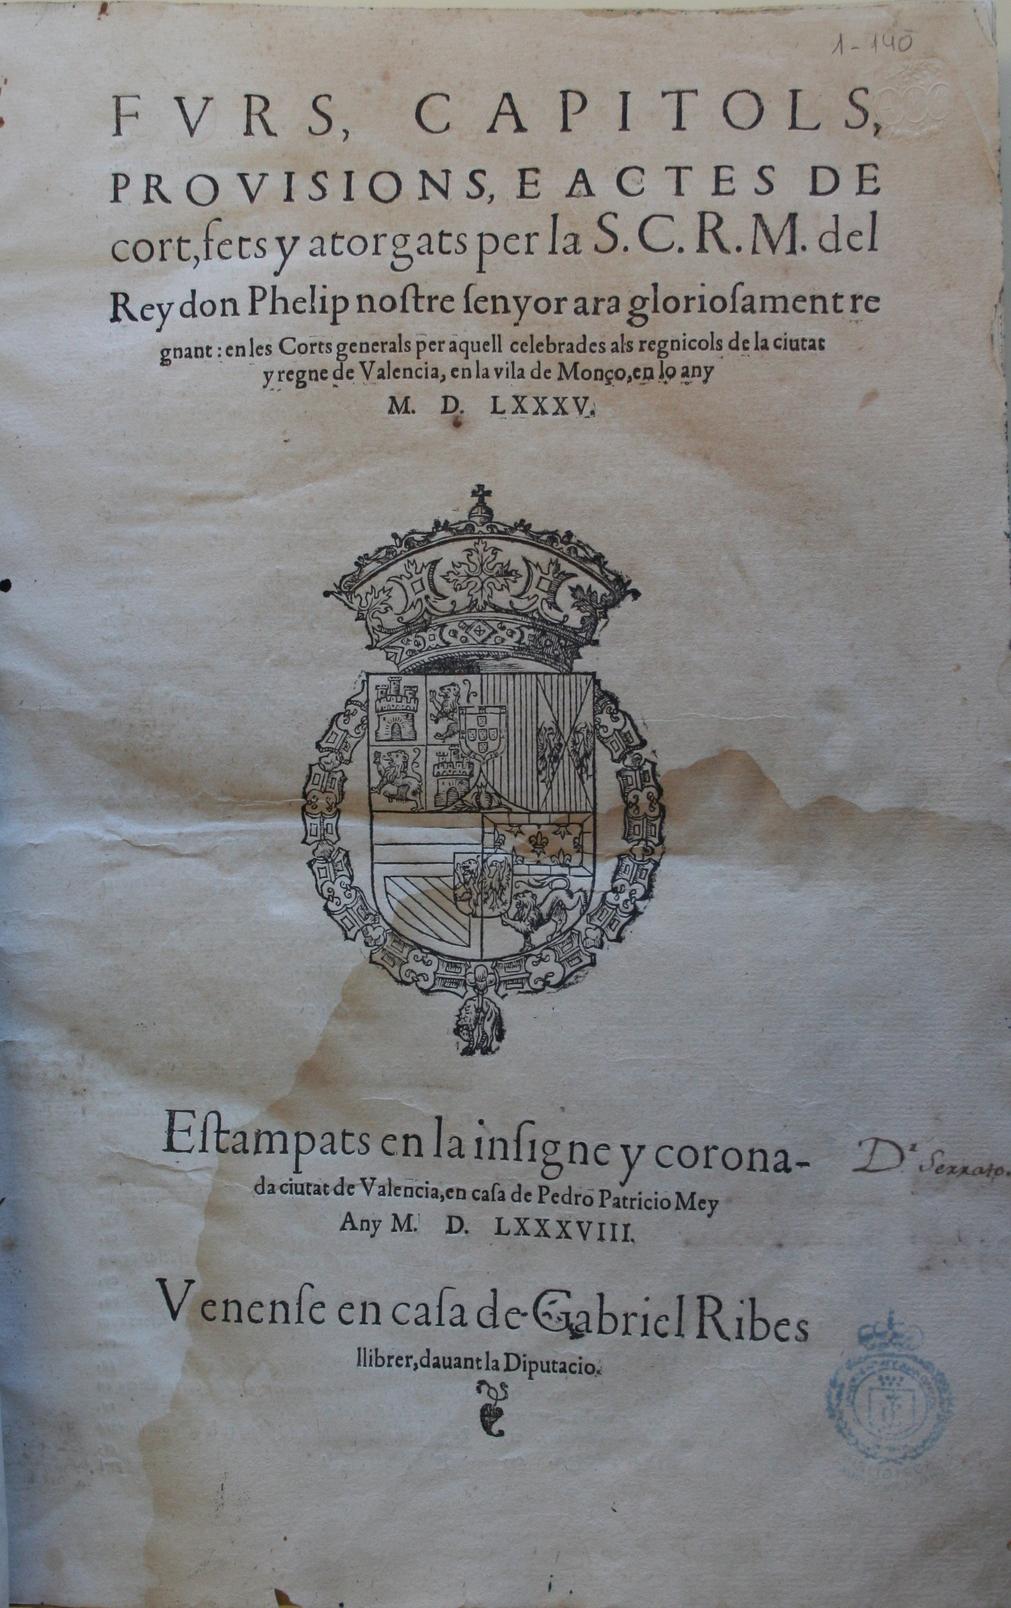 Fvrs, capitols, provisions, e actes de cort, 1588-1635